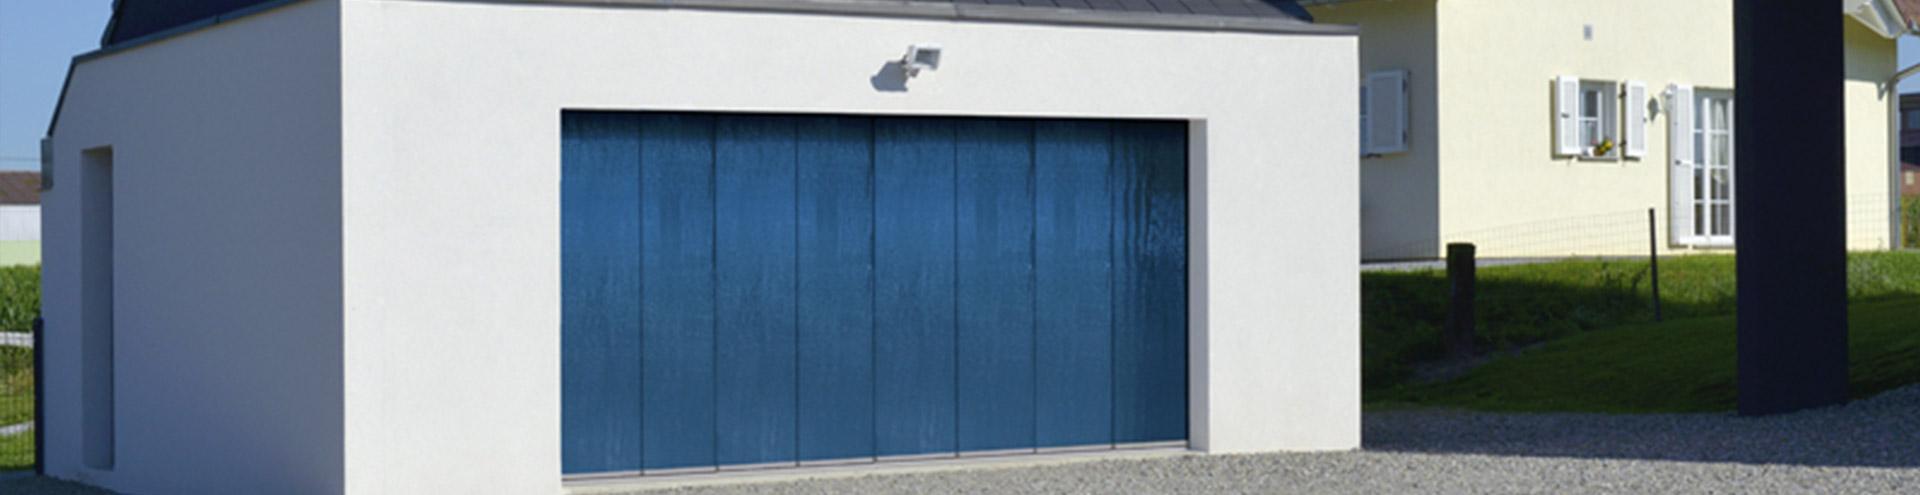 Carsec pro lat rale for Tbs pro porte de garage